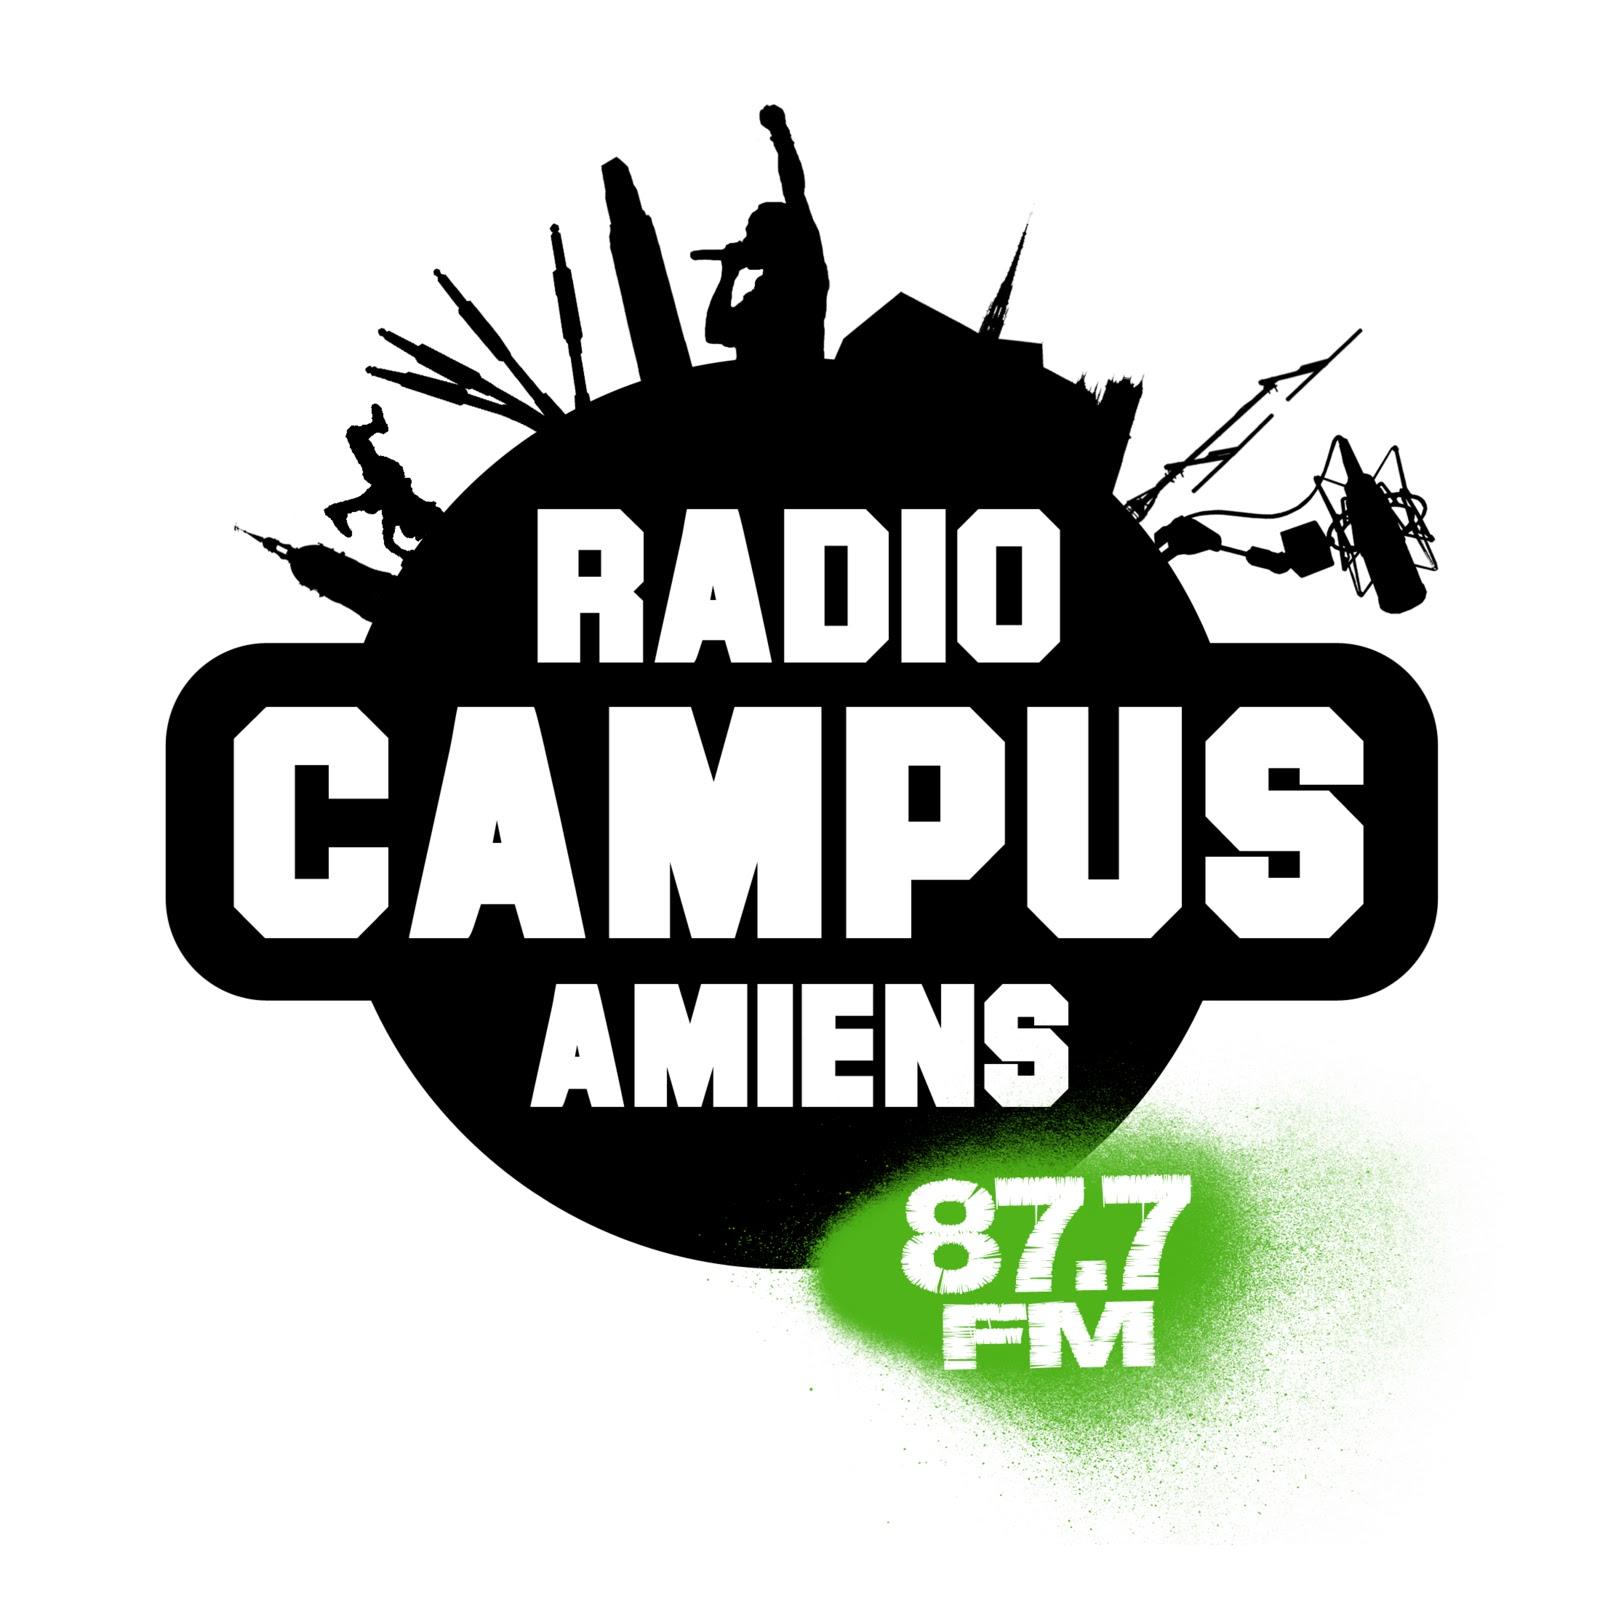 RADIO CAMPUS AMIENS DANS 'ENSEMBLE C'EST MIEUX !' SUR FRANCE3 HAUTS-DE-FRANCE